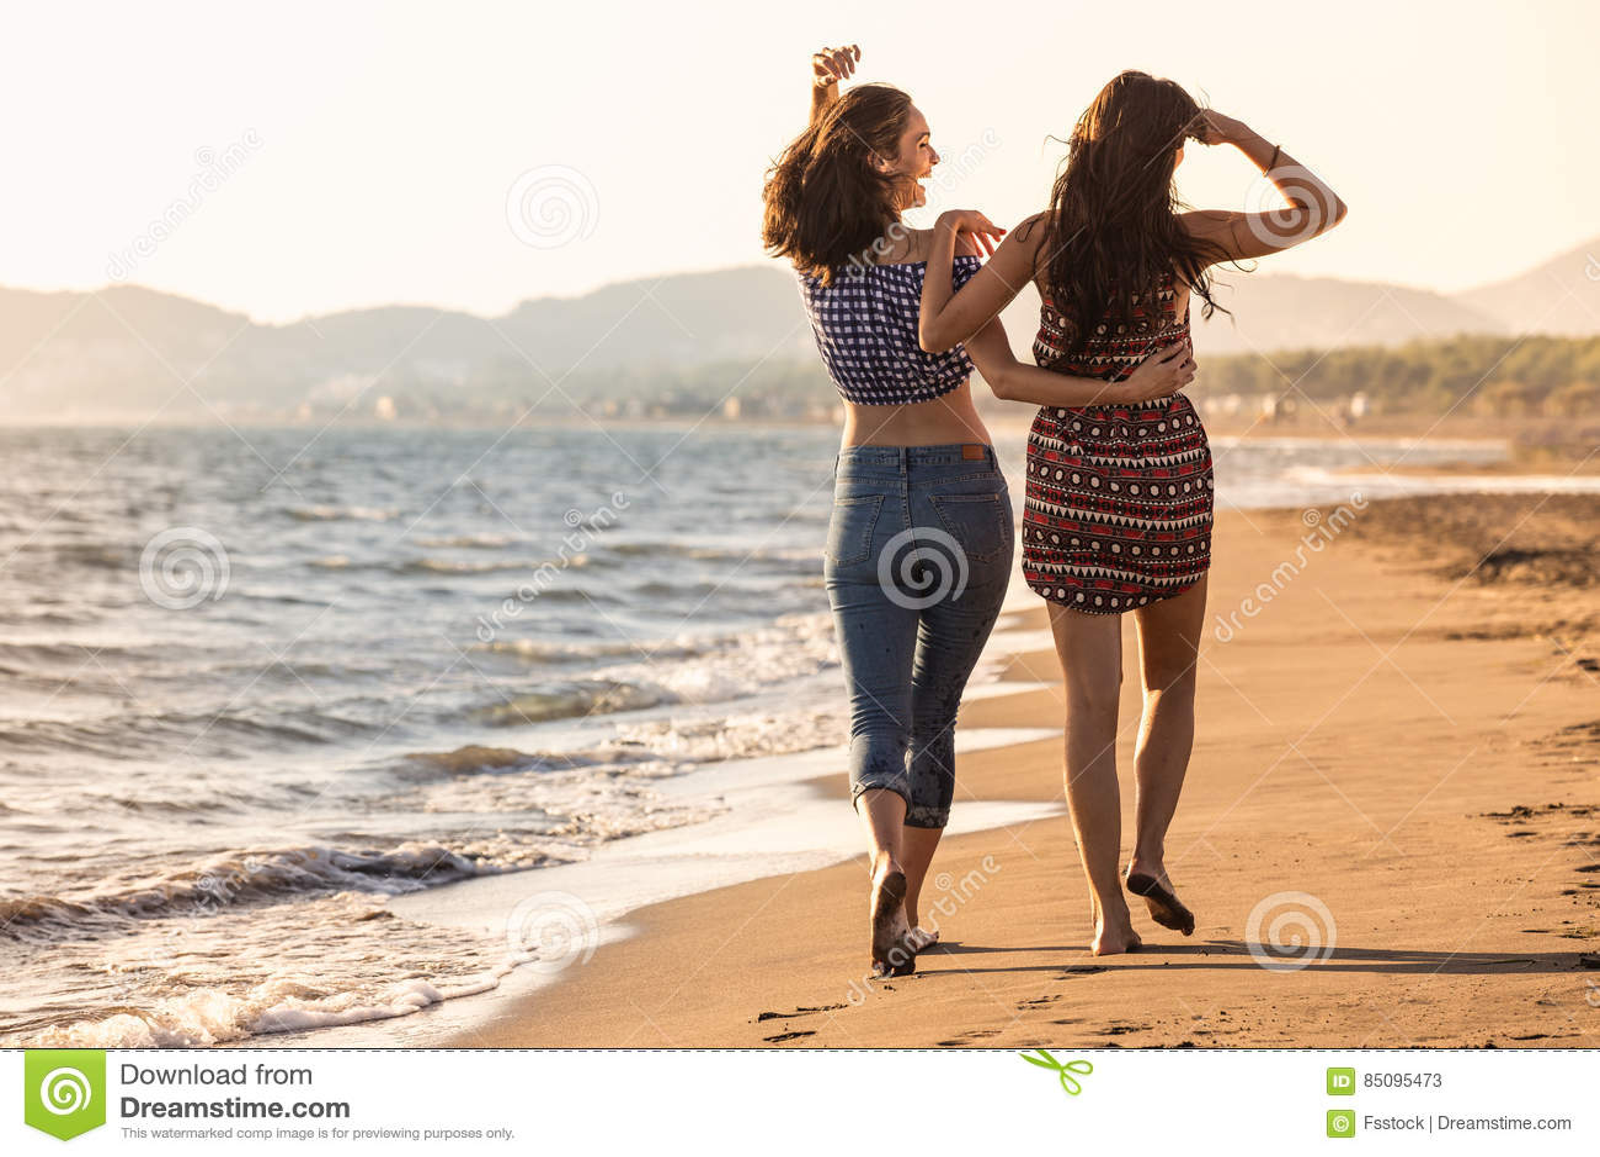 Hübsches Mädchen hat einen Spaß mit ihrer Freundin auf dem Strand